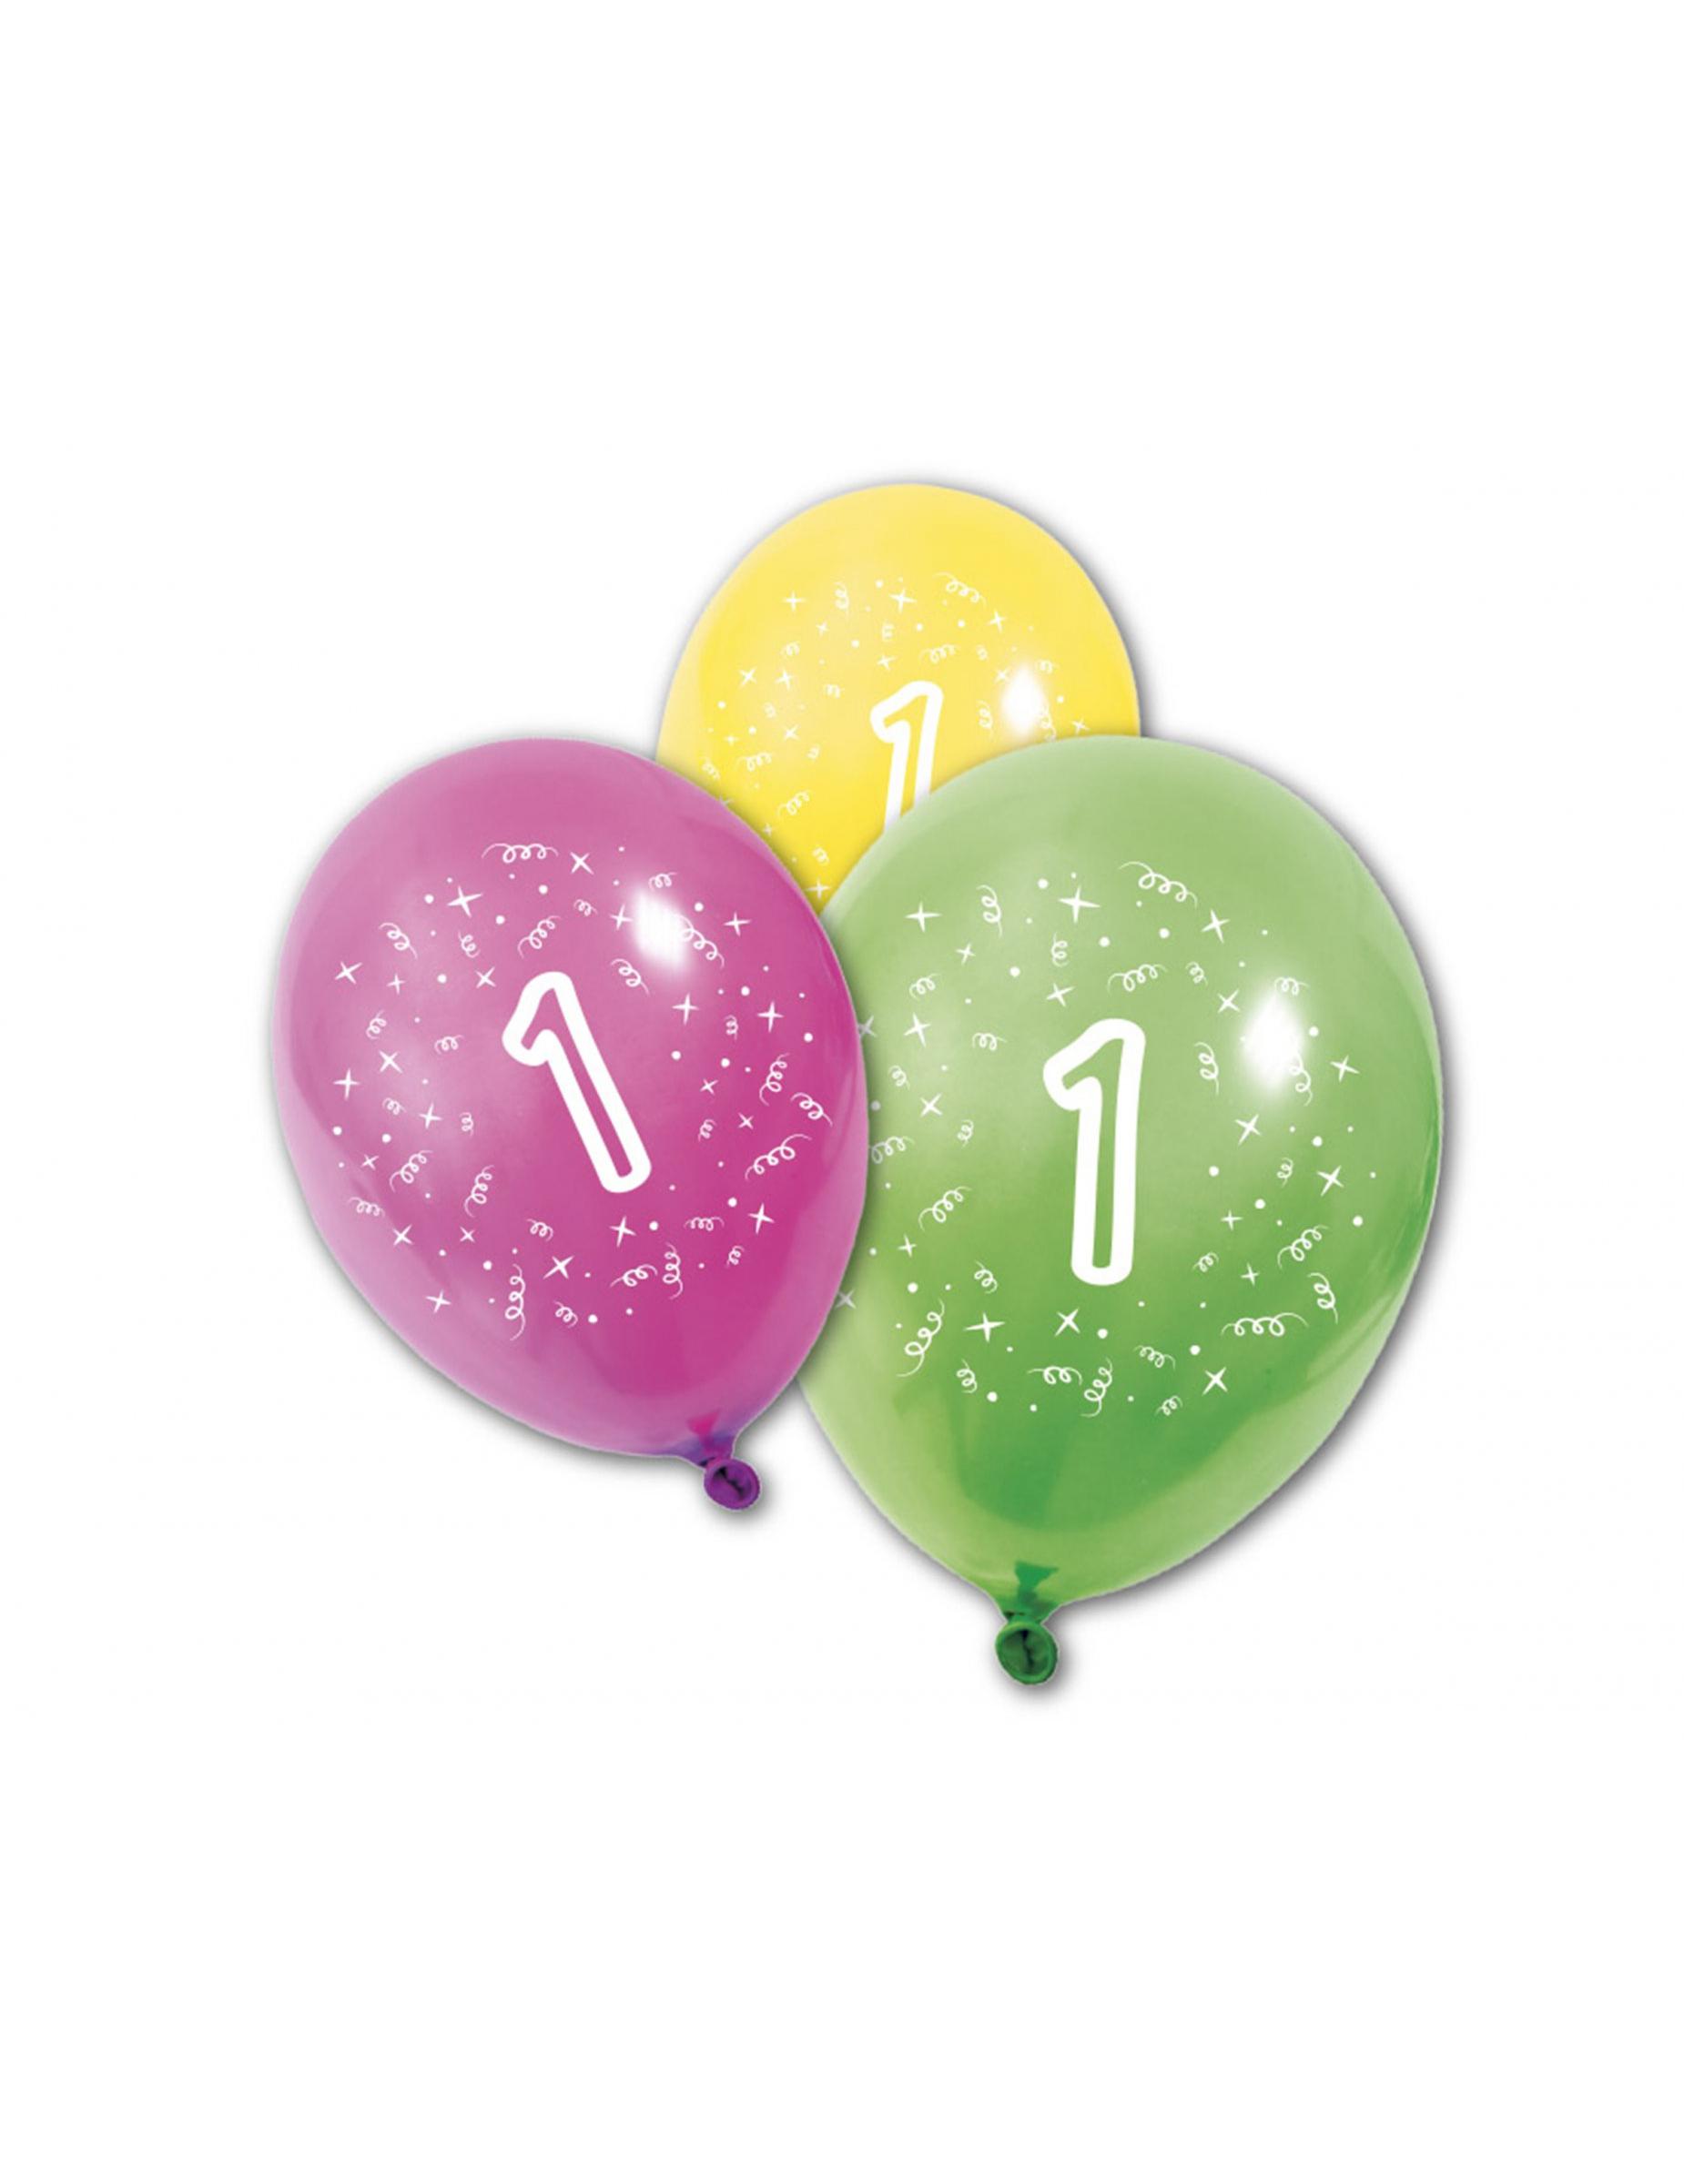 8 globos cumplea os 1 a o decoraci n y disfraces - Decoracion cumpleanos bebe 1 ano ...